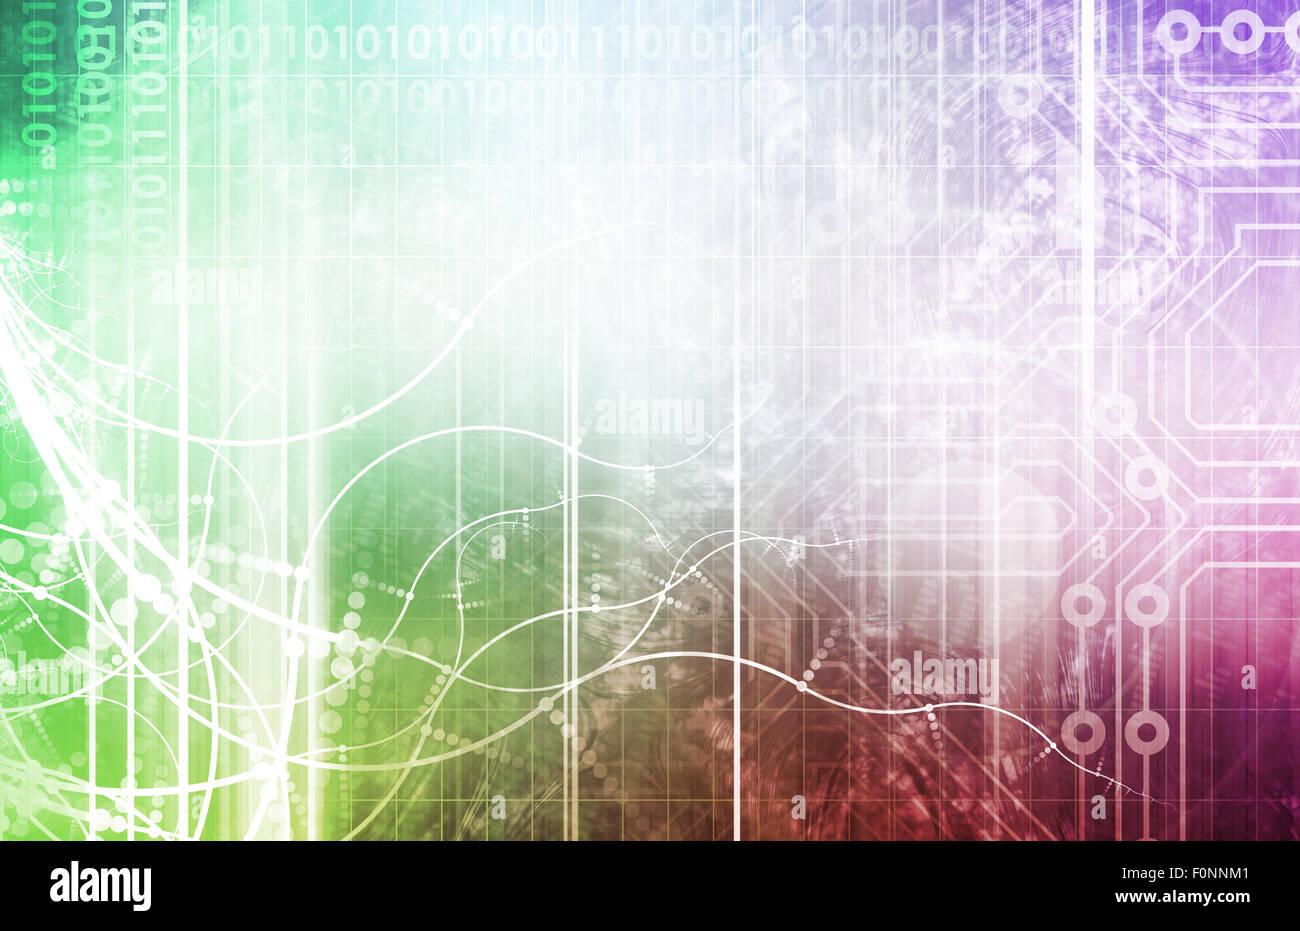 La biotecnologia del futuro astratto come arte Immagini Stock